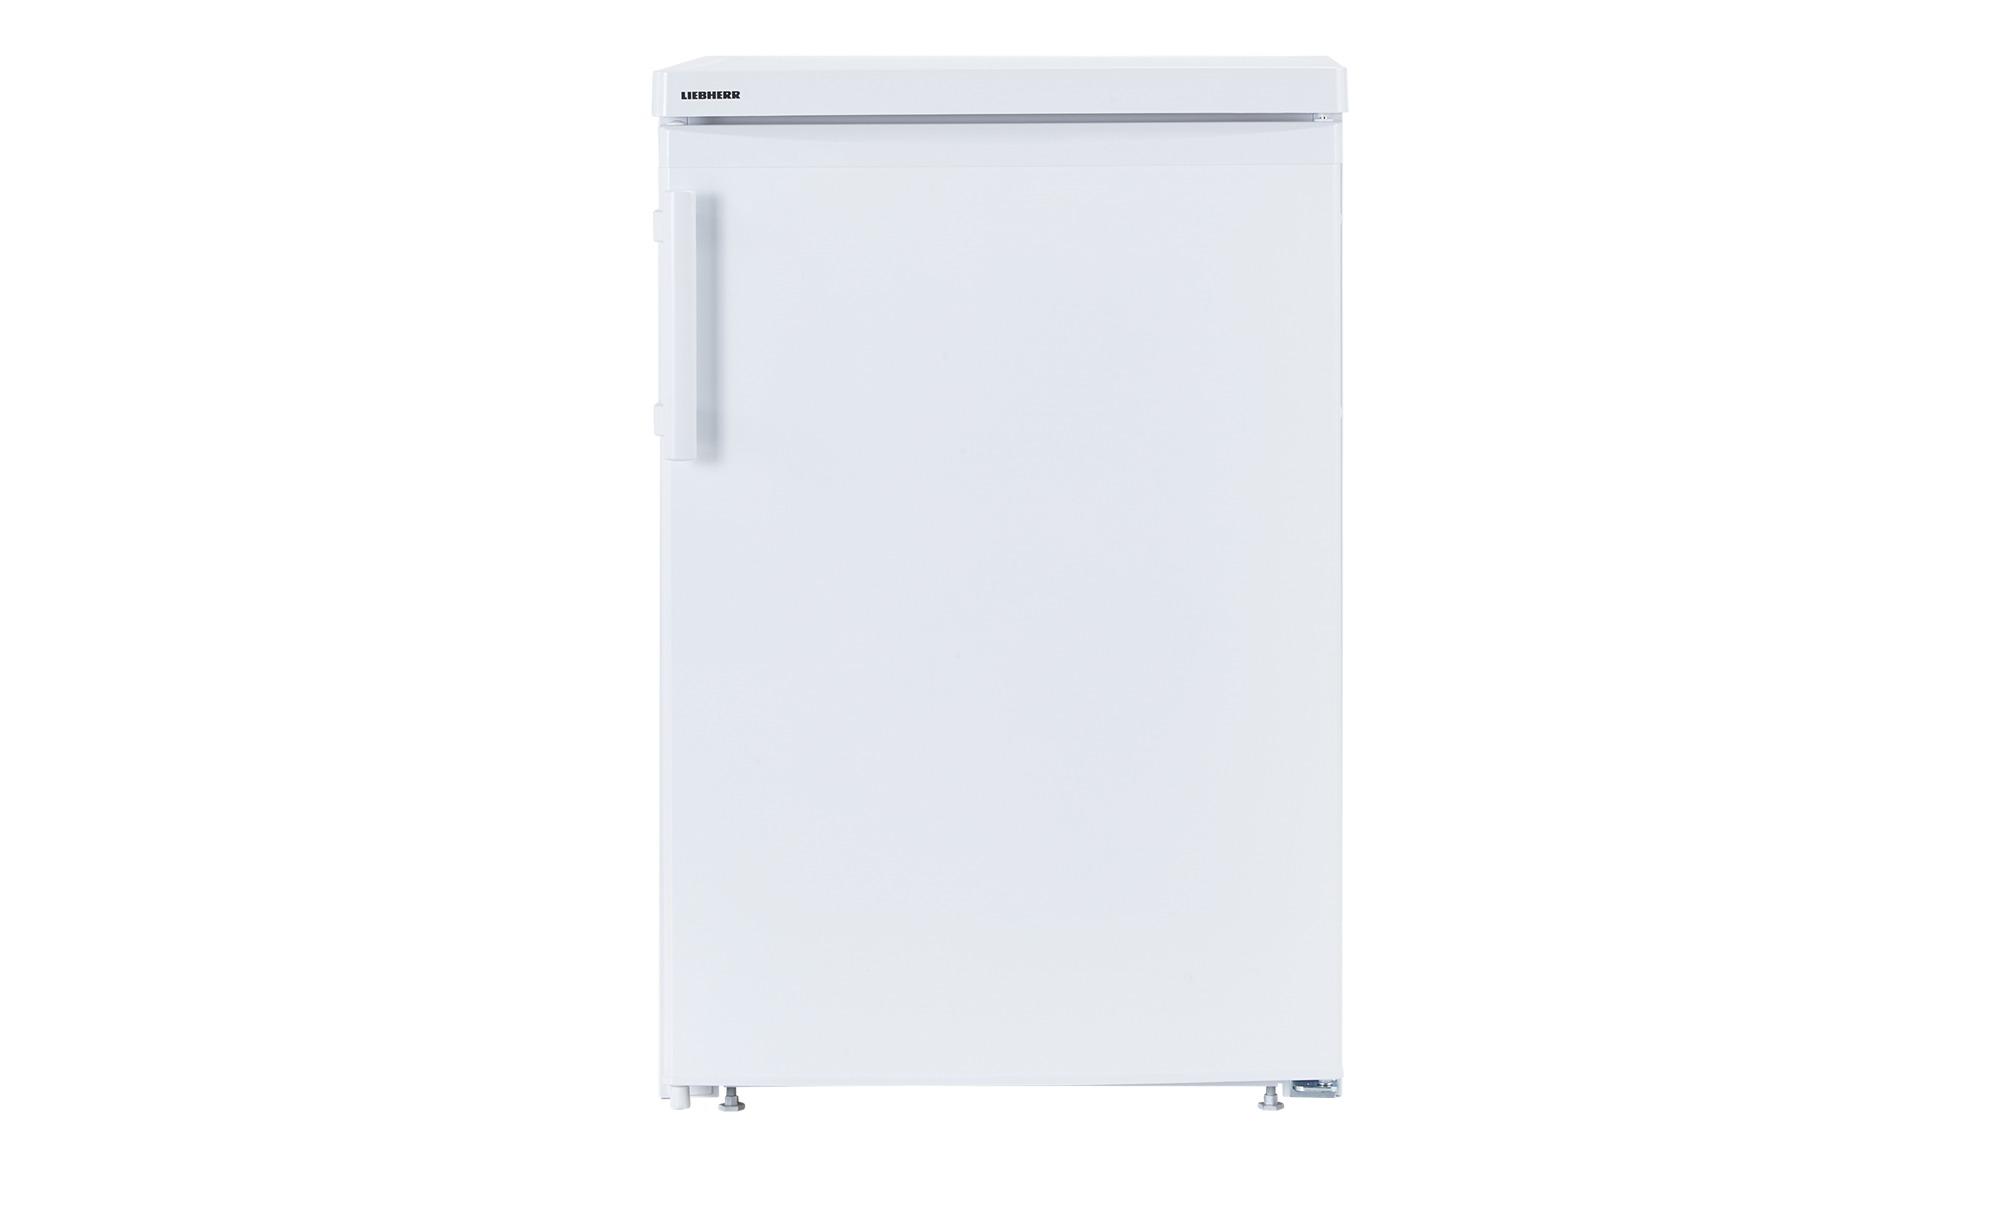 LIEBHERR Kühlschrank  TP1434-21 - weiß - Glas , Metall-lackiert, Kunststoff - 55,4 cm - 85 cm - 62,3 cm - Elektrogeräte > Kühlschränke - Möbel Kraft | Küche und Esszimmer > Küchenelektrogeräte > Kühlschränke | Metall | LIEBHERR